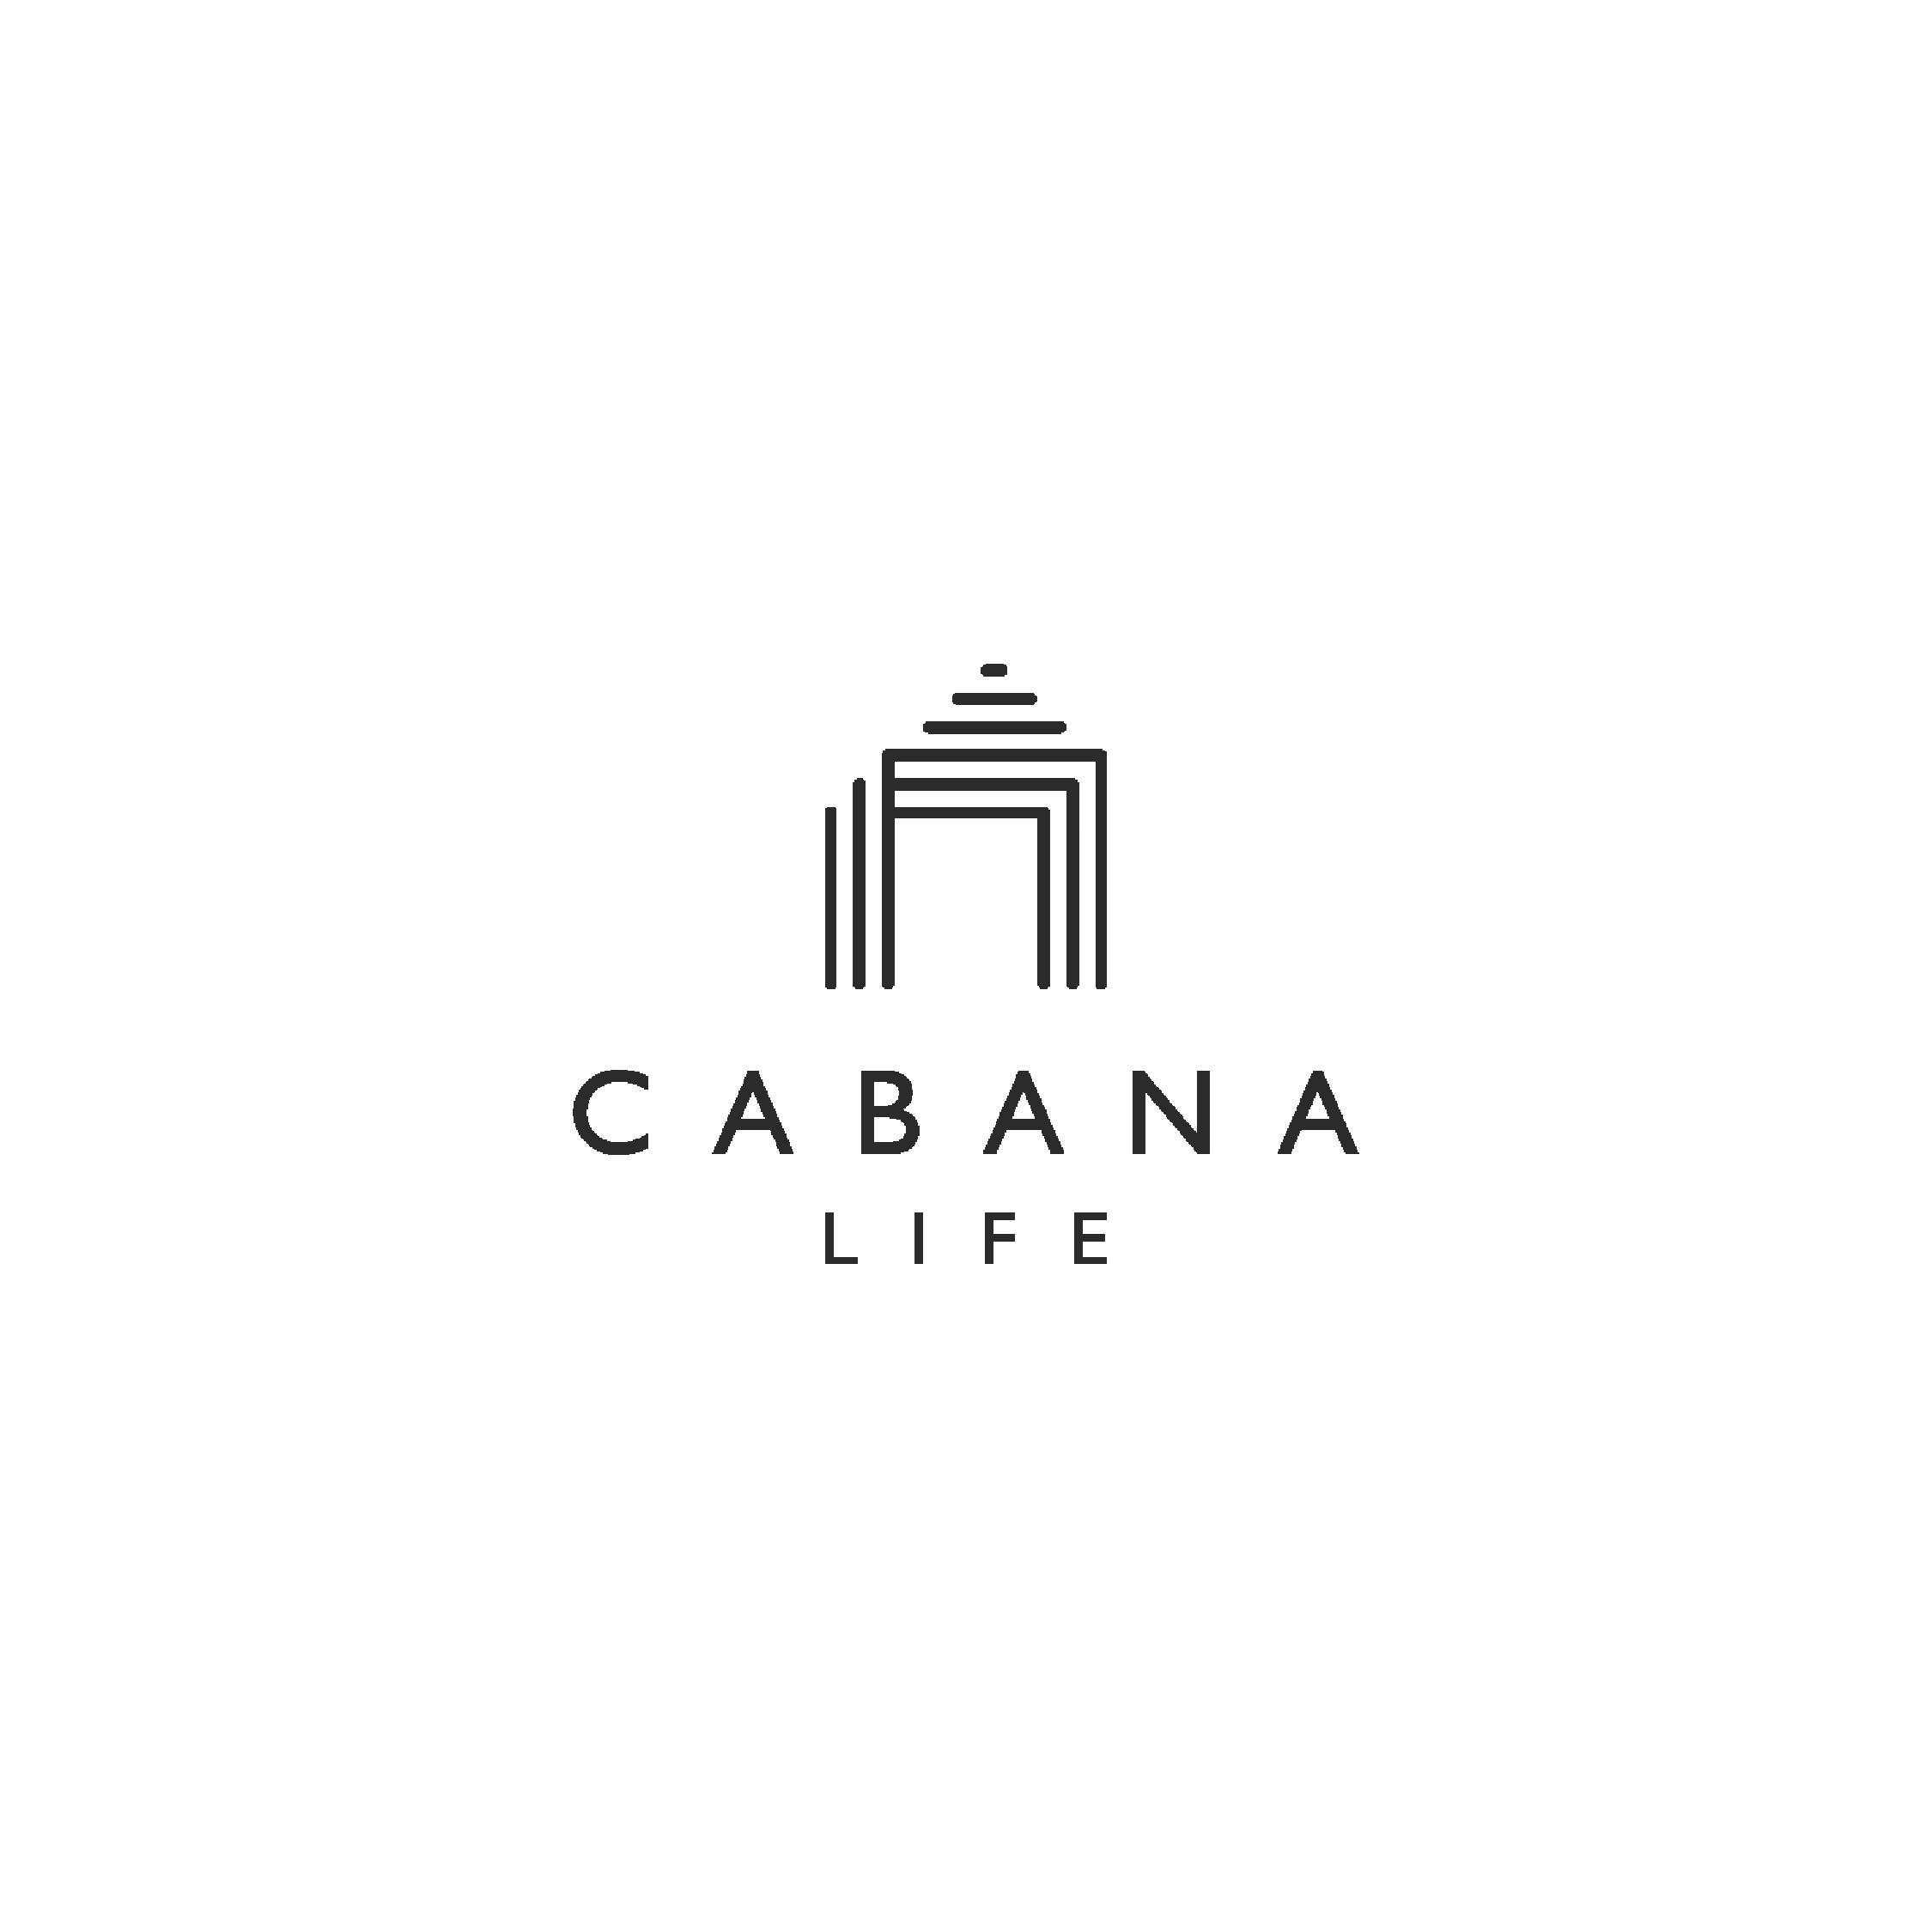 CABANA-01.png